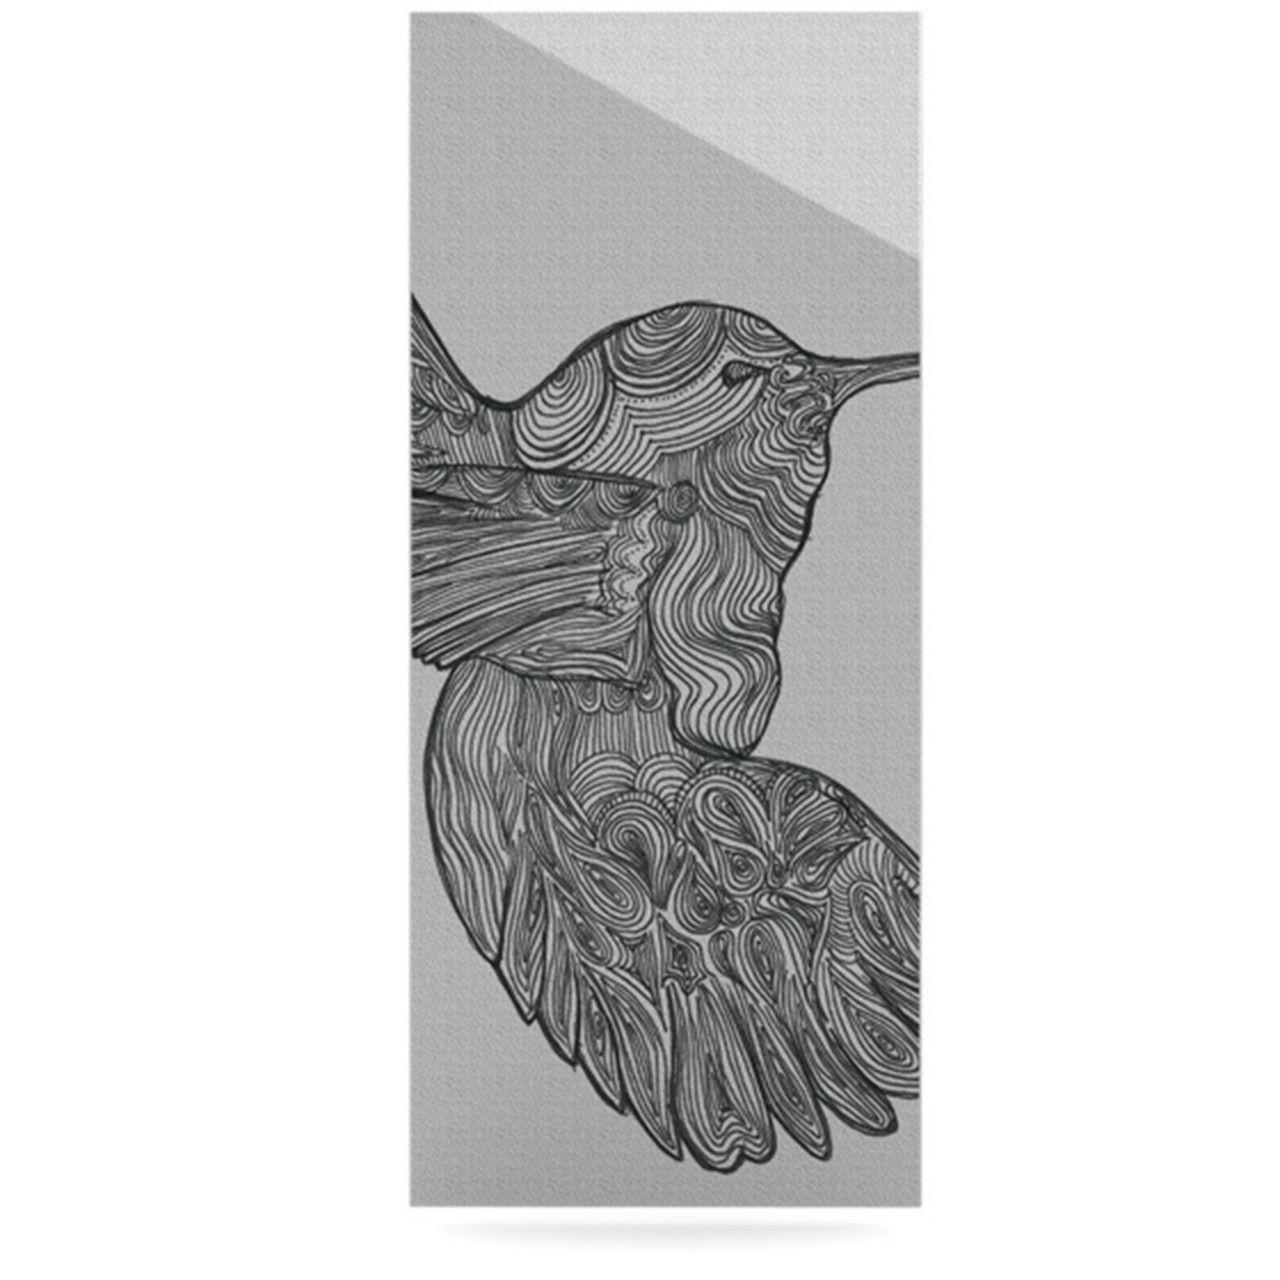 Hummingbird by Belinda Gillies Graphic Art Plaque